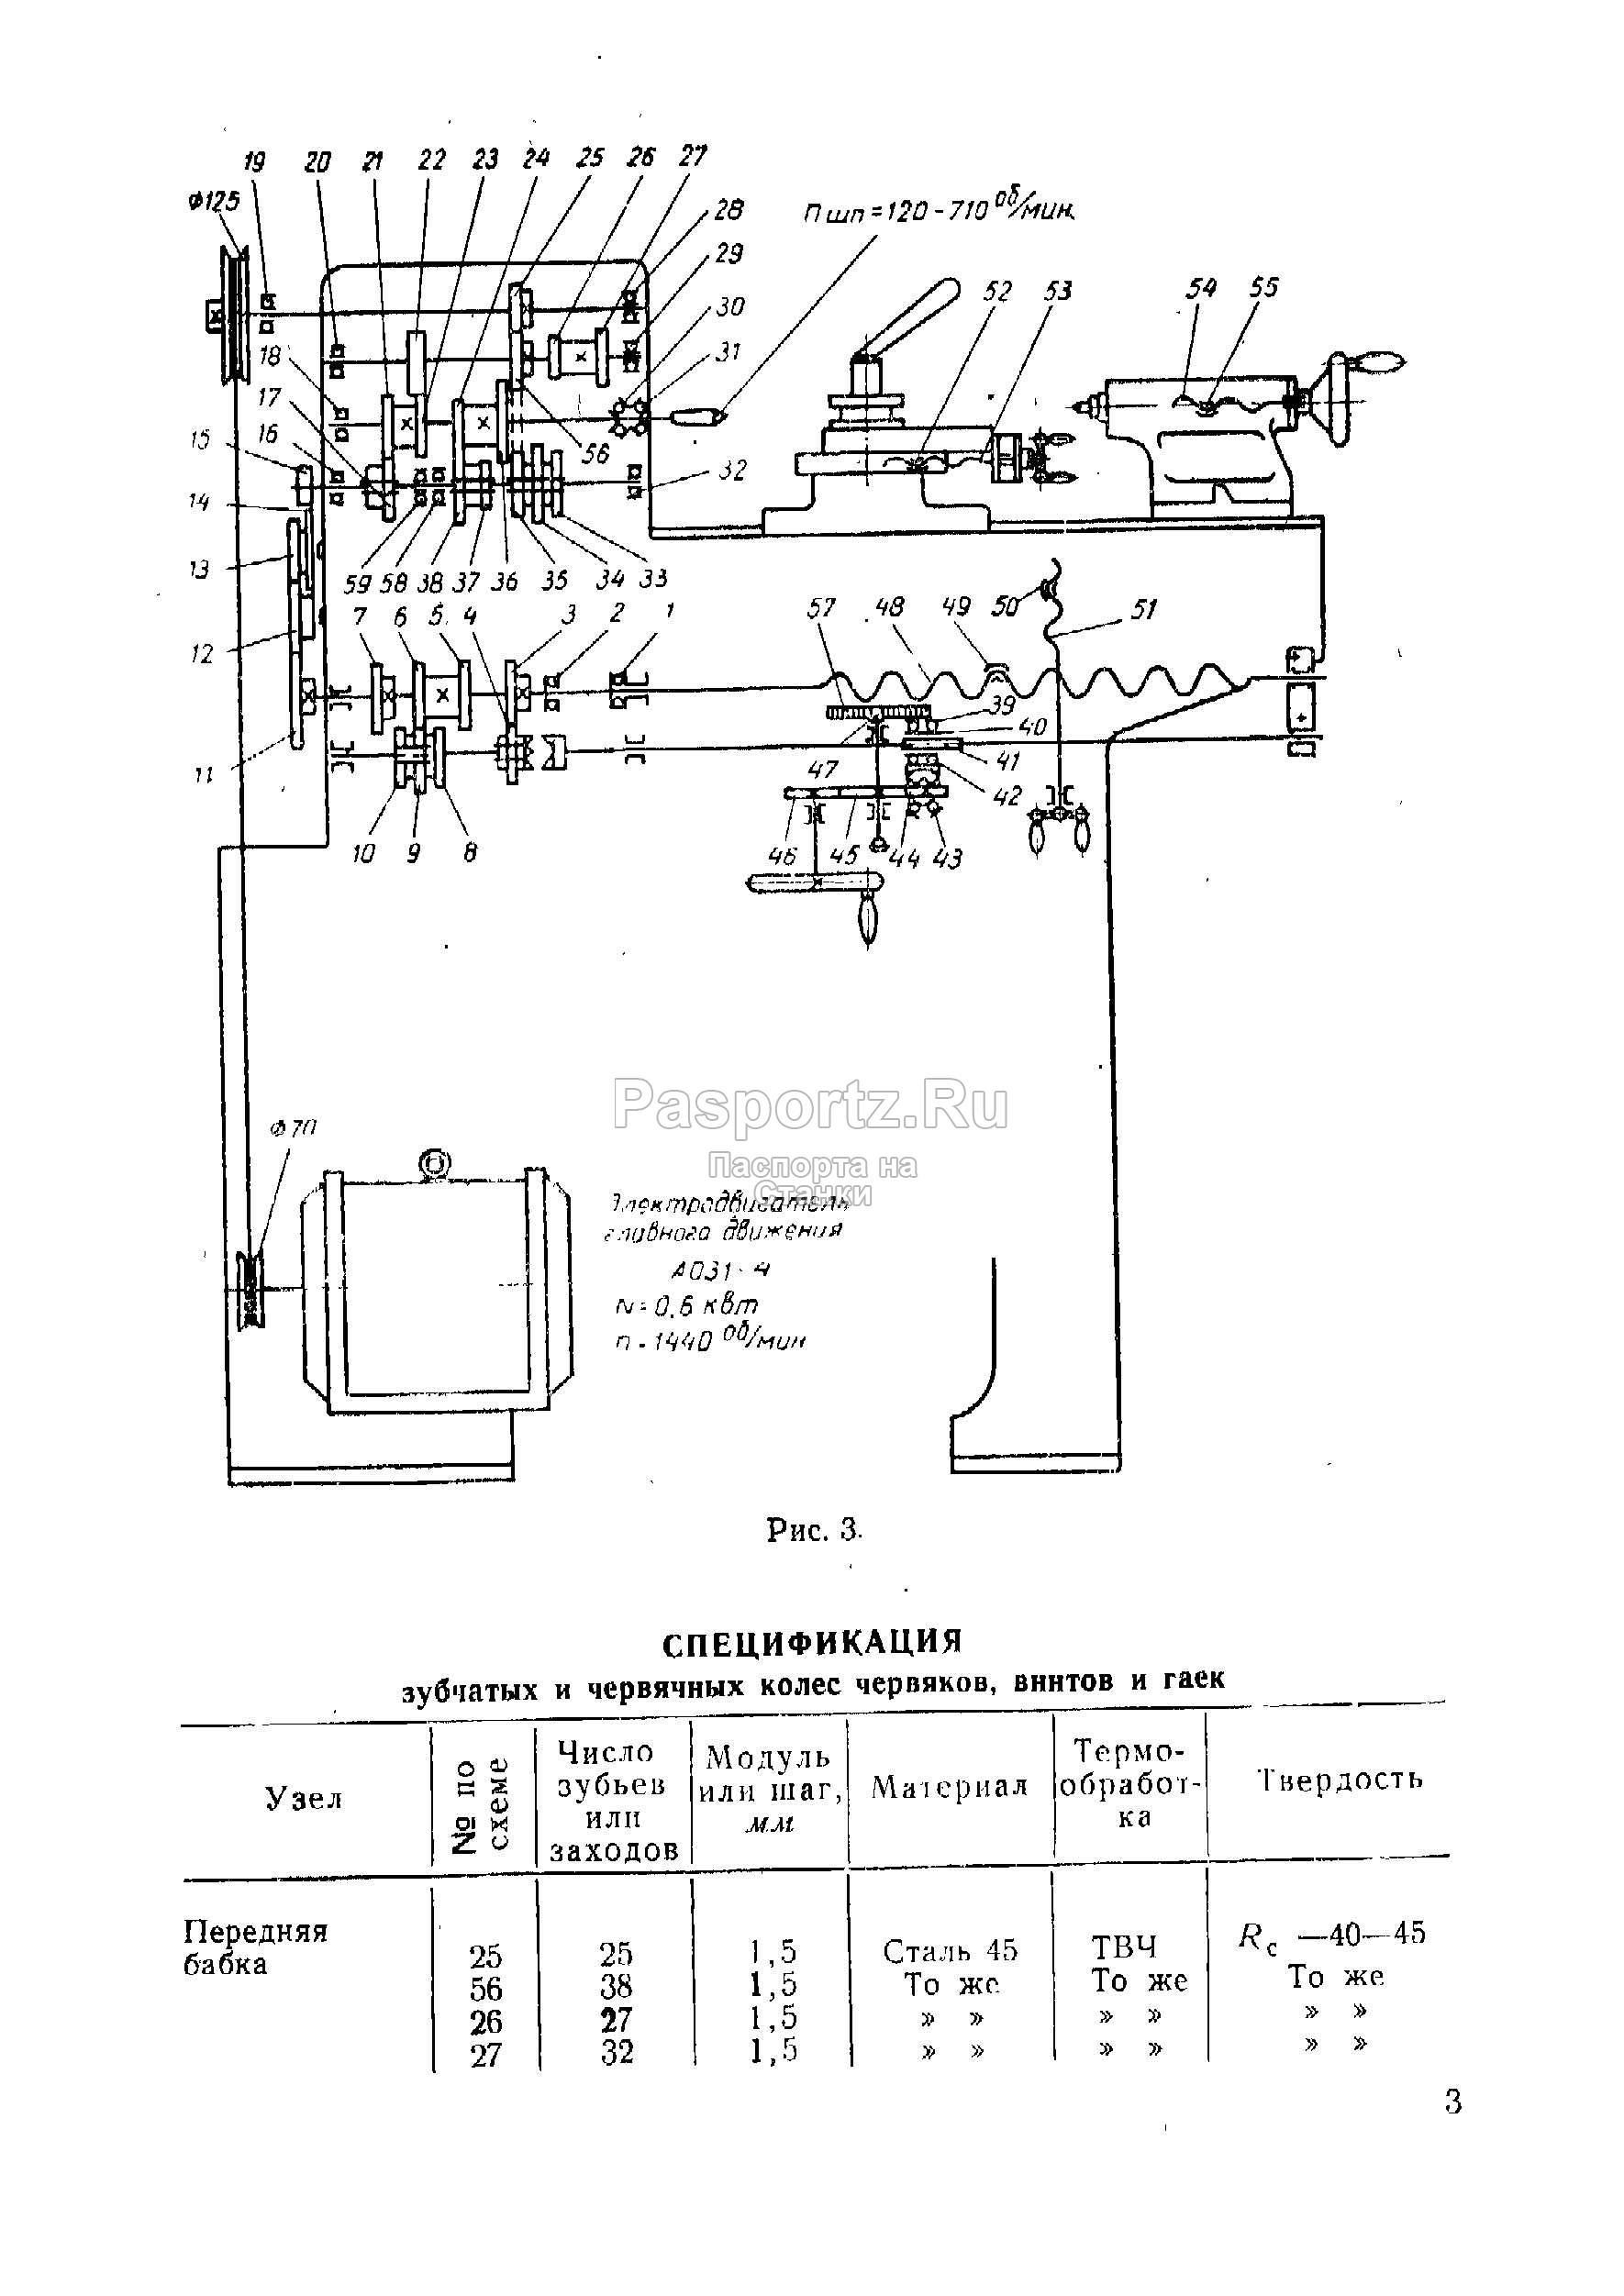 инструкция и схему к токарно винторезному станку samat 400ss